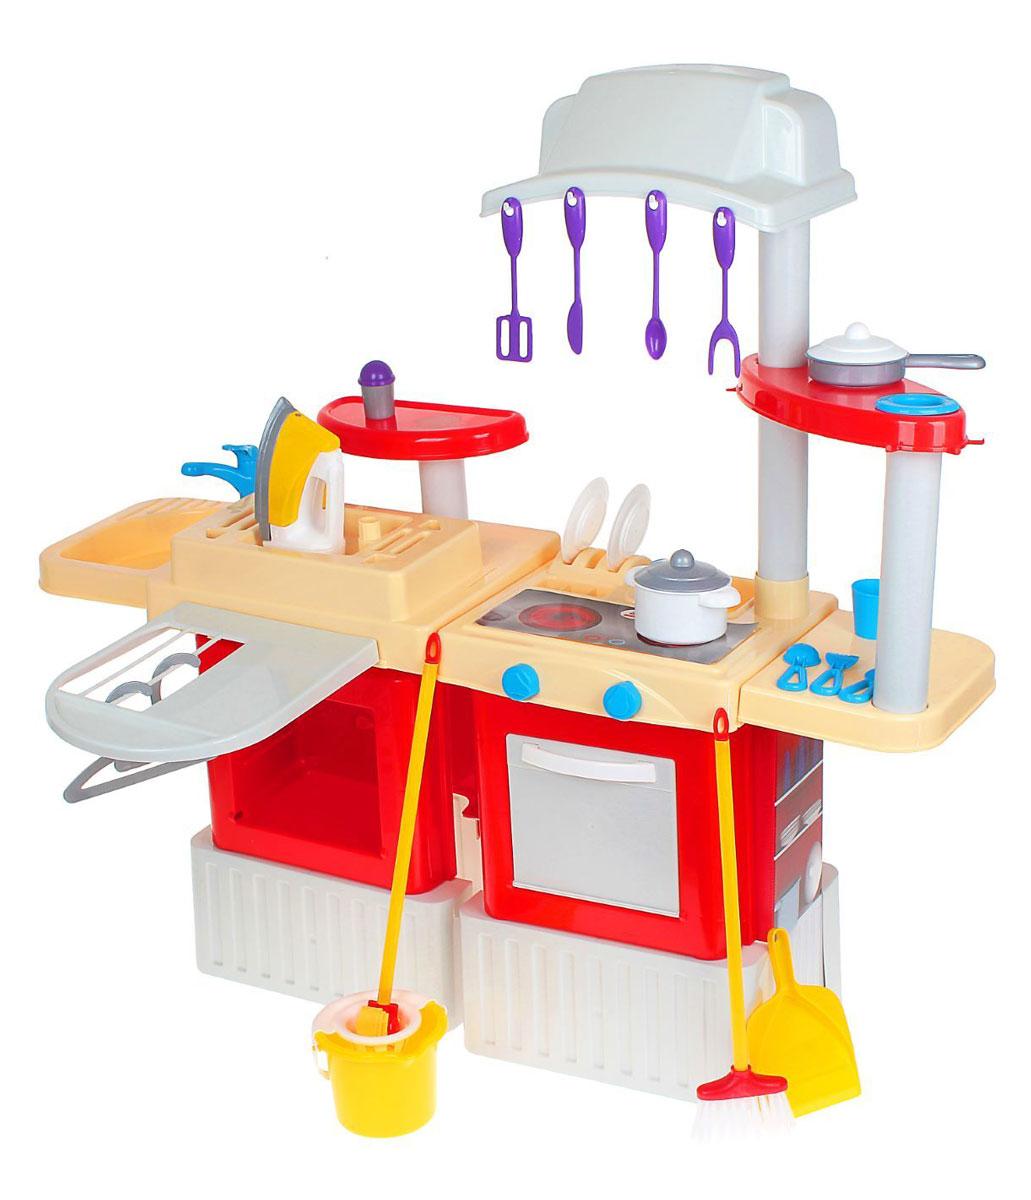 Полесье Игрушечная кухня Infinity Basic №4, цвет в ассортименте